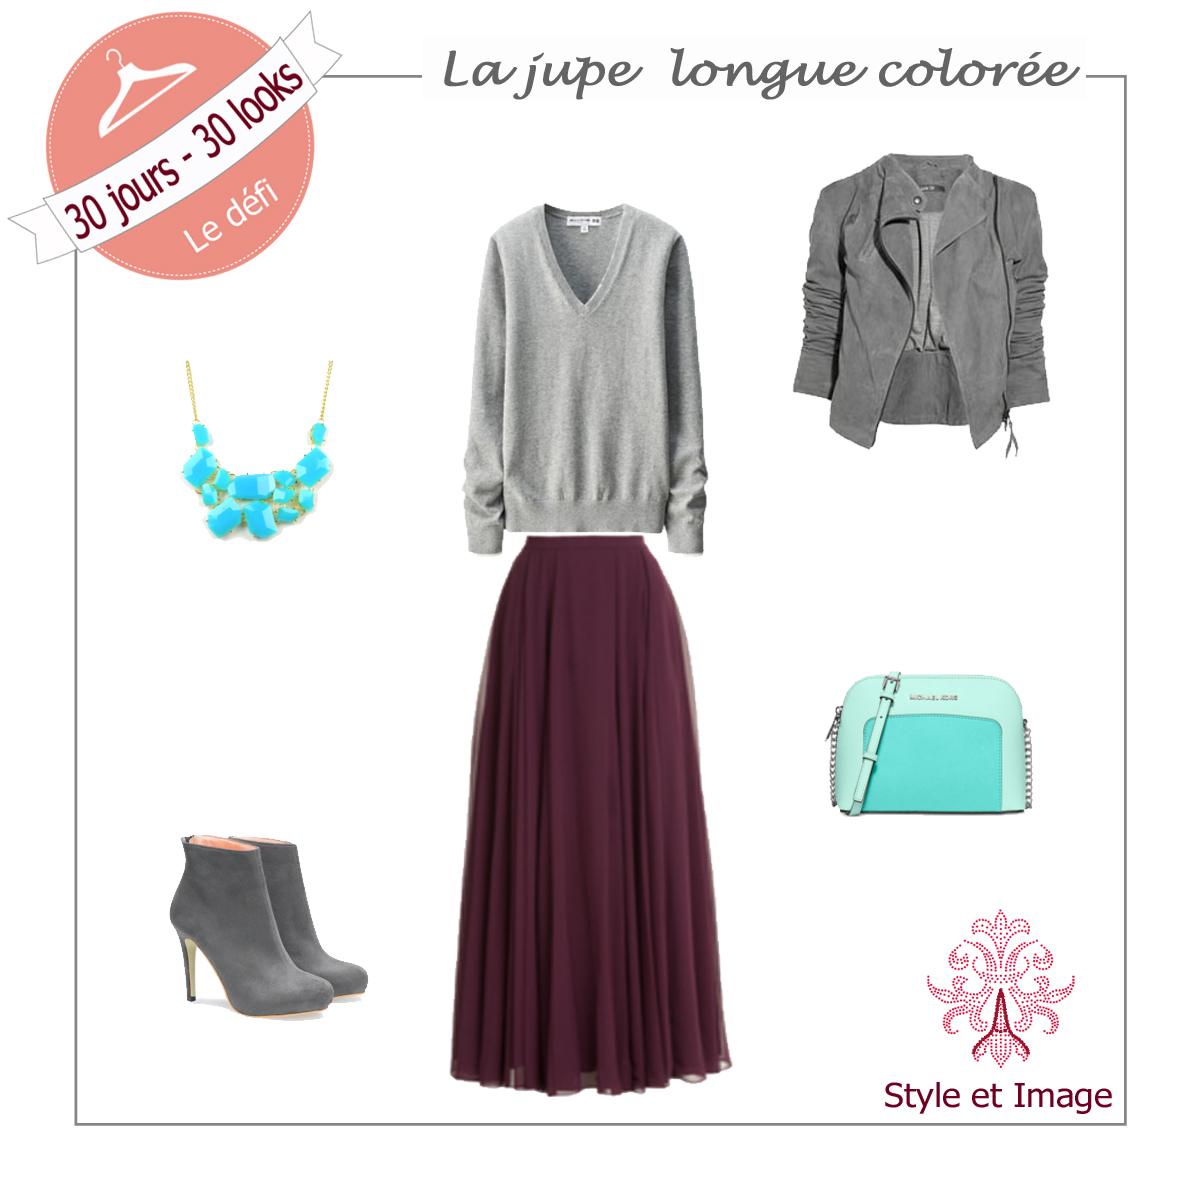 jupe-longue-coloree